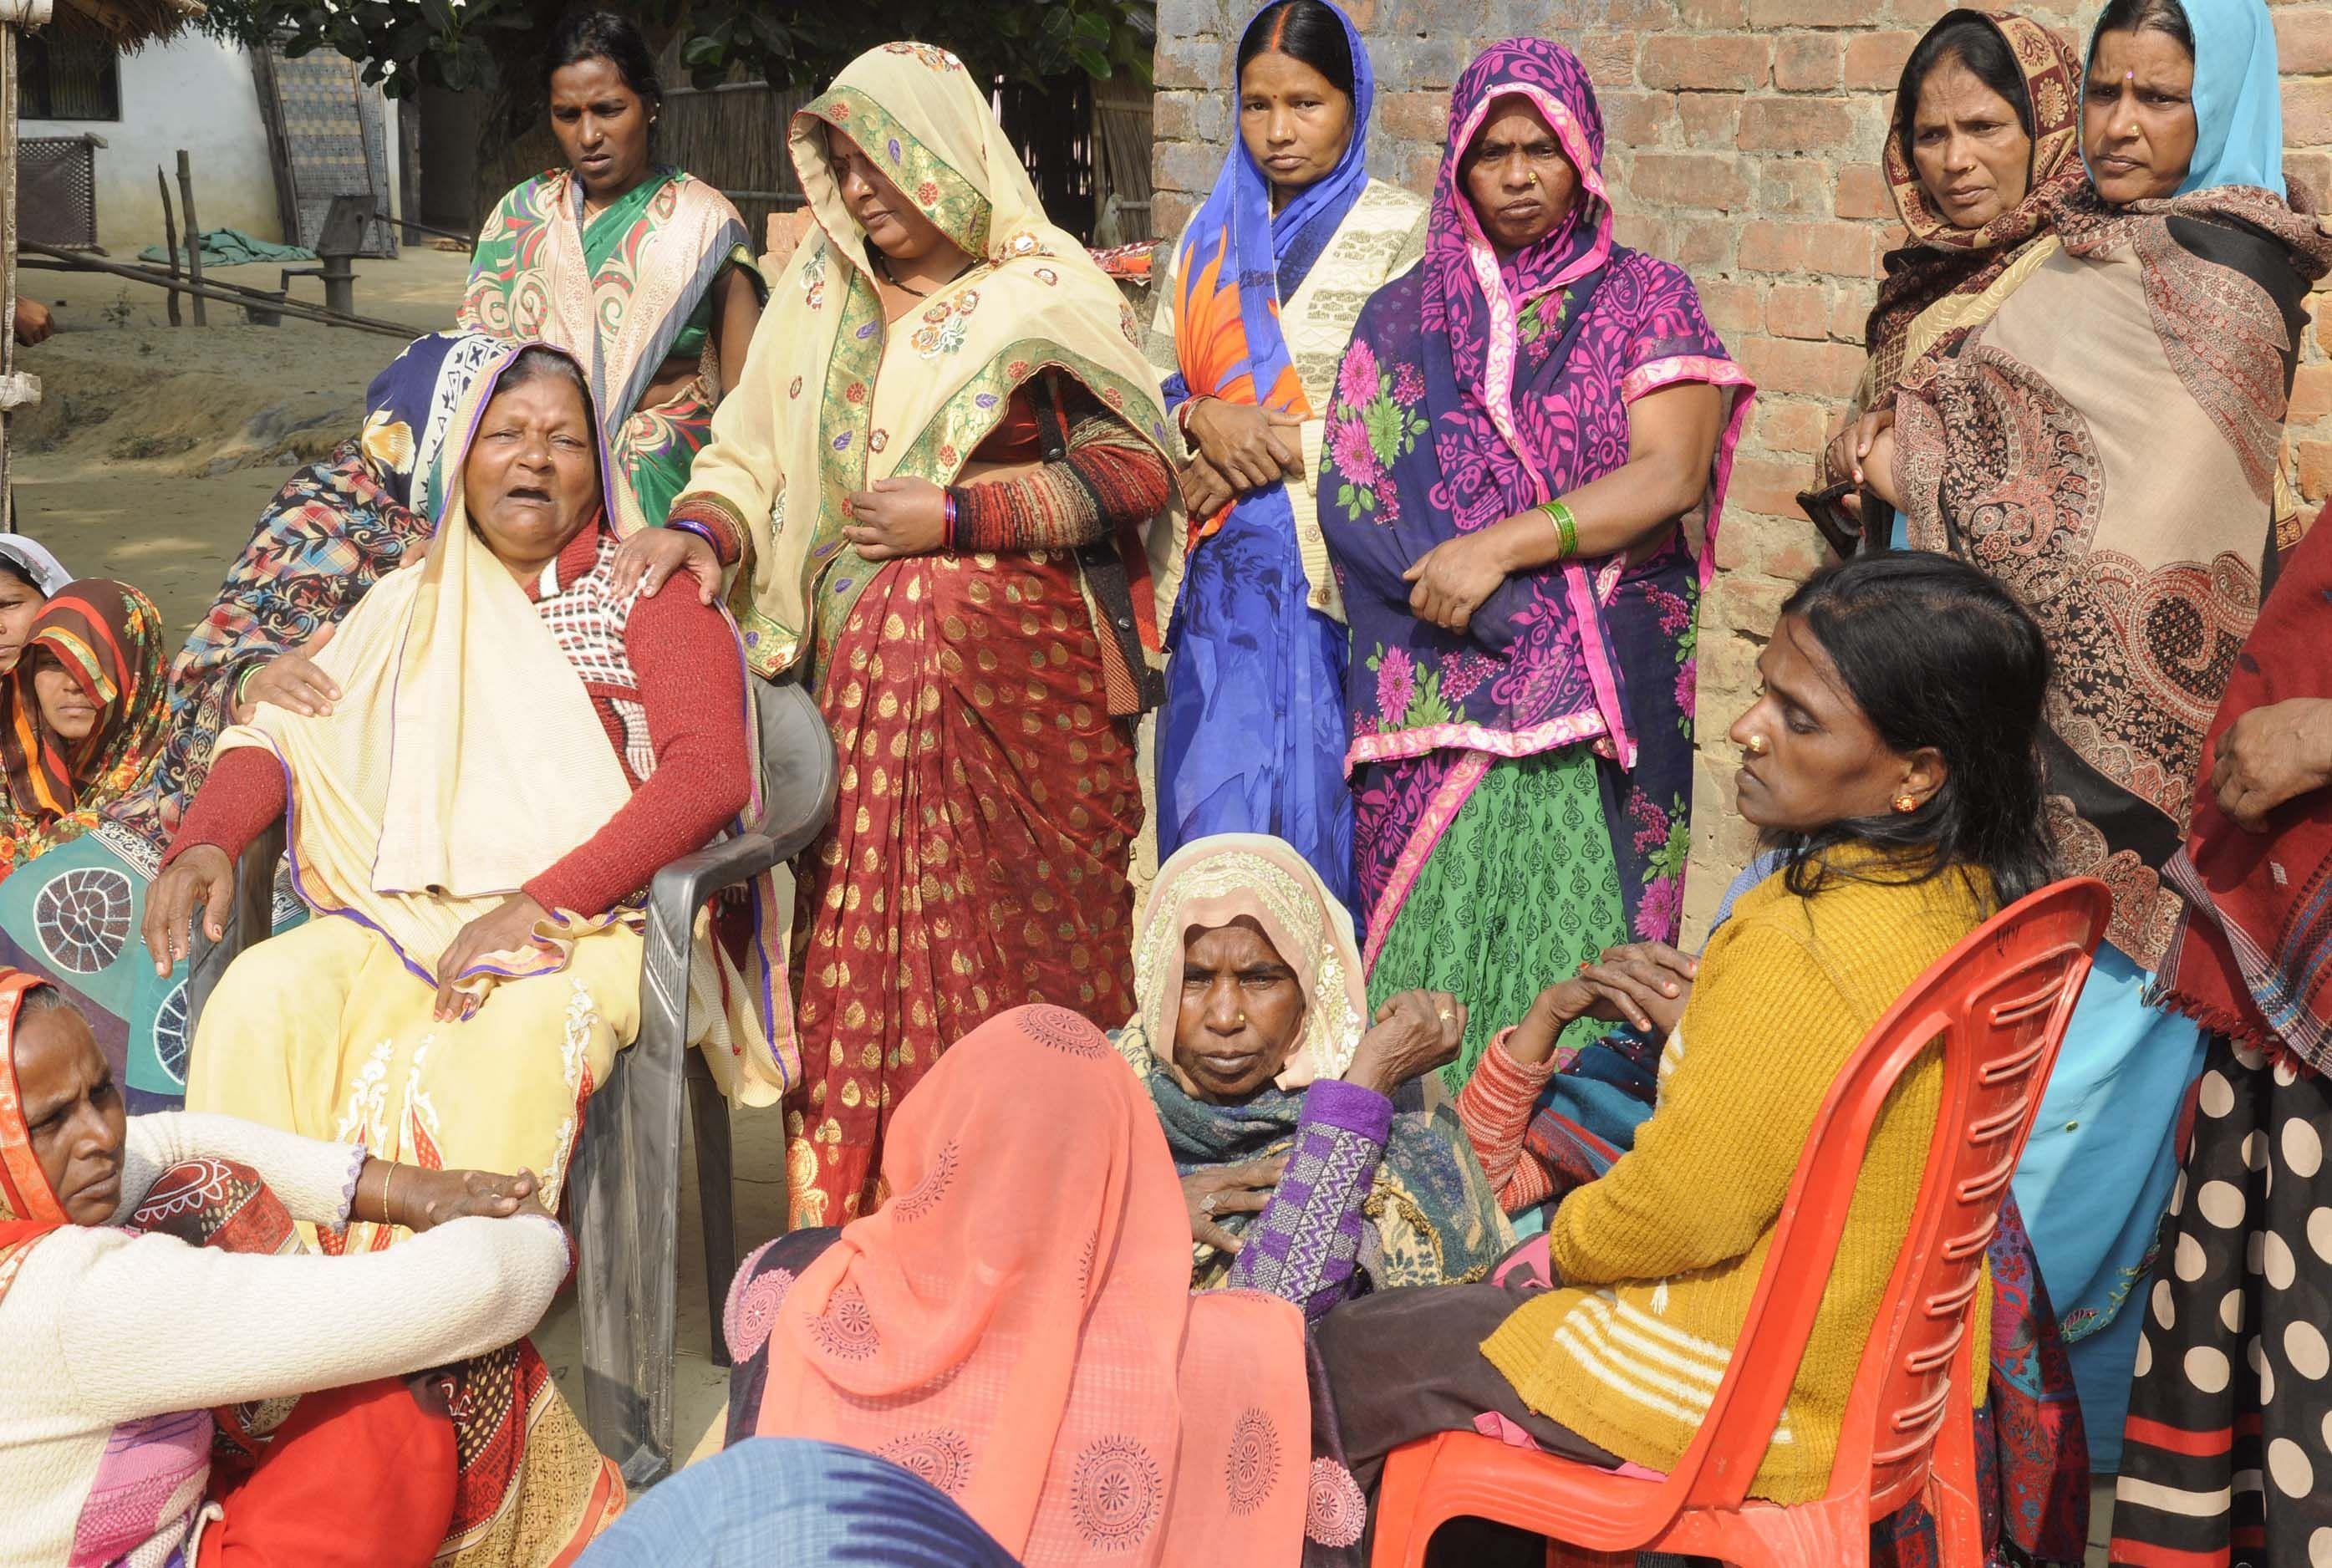 नगर कोतवाली के चकबनतोड़ गांव में मृत बहनों के बिलखते परिजन।